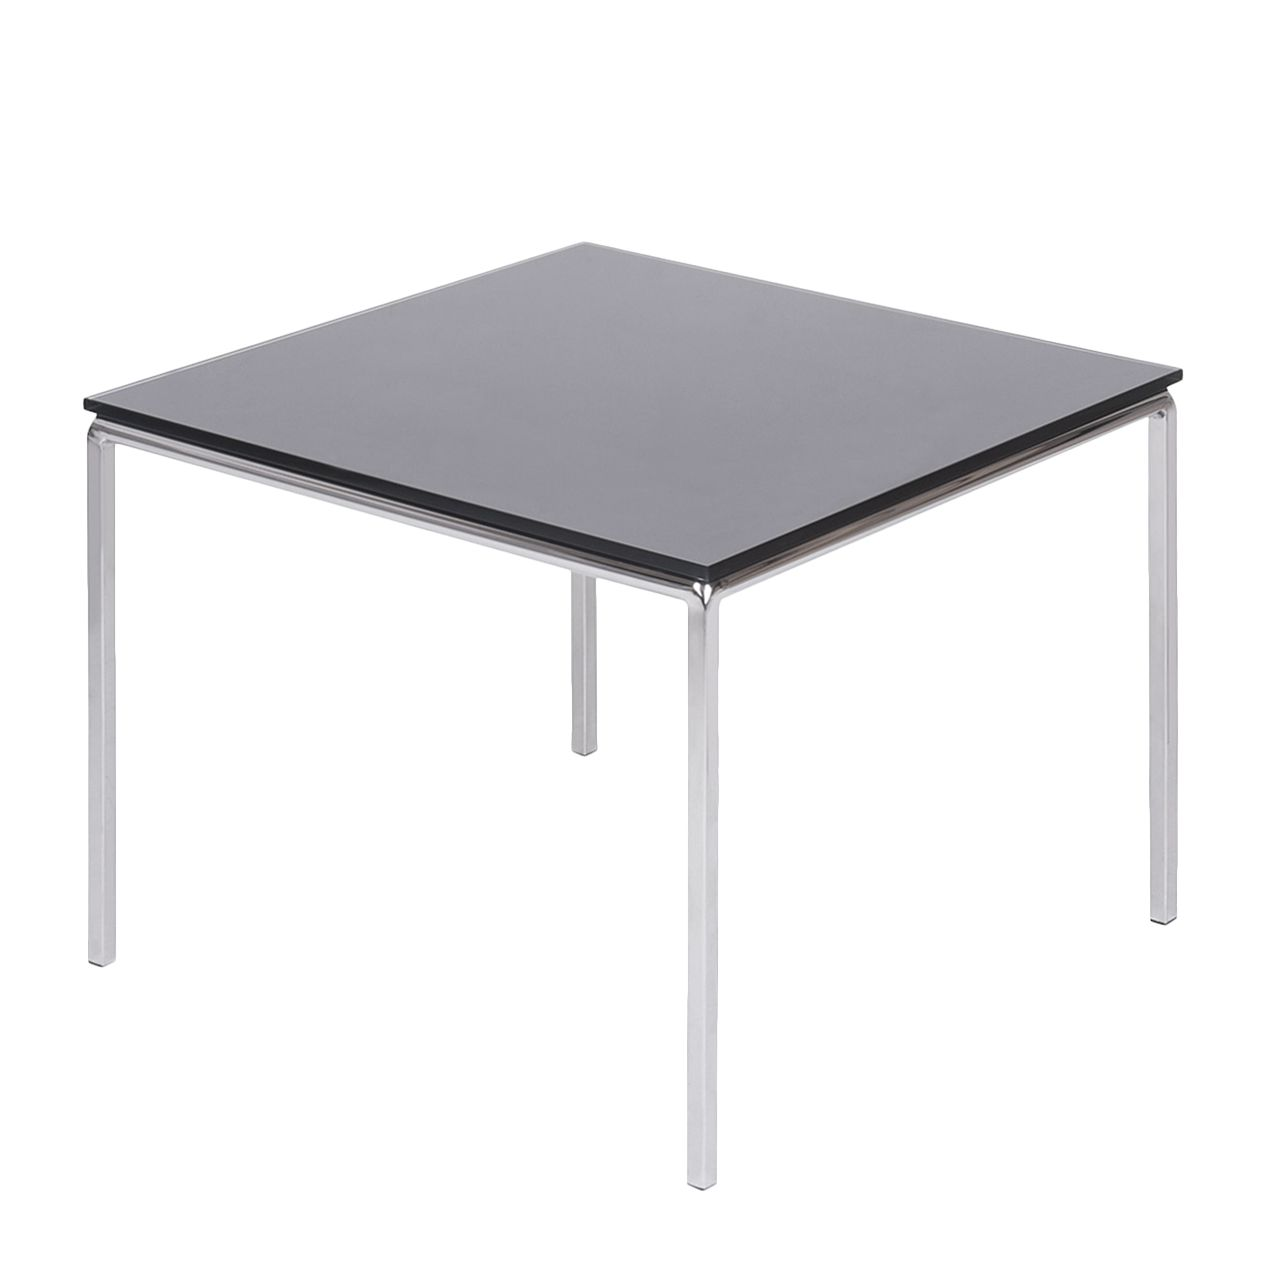 glas edelstahl beistelltisc preis vergleich 2016. Black Bedroom Furniture Sets. Home Design Ideas